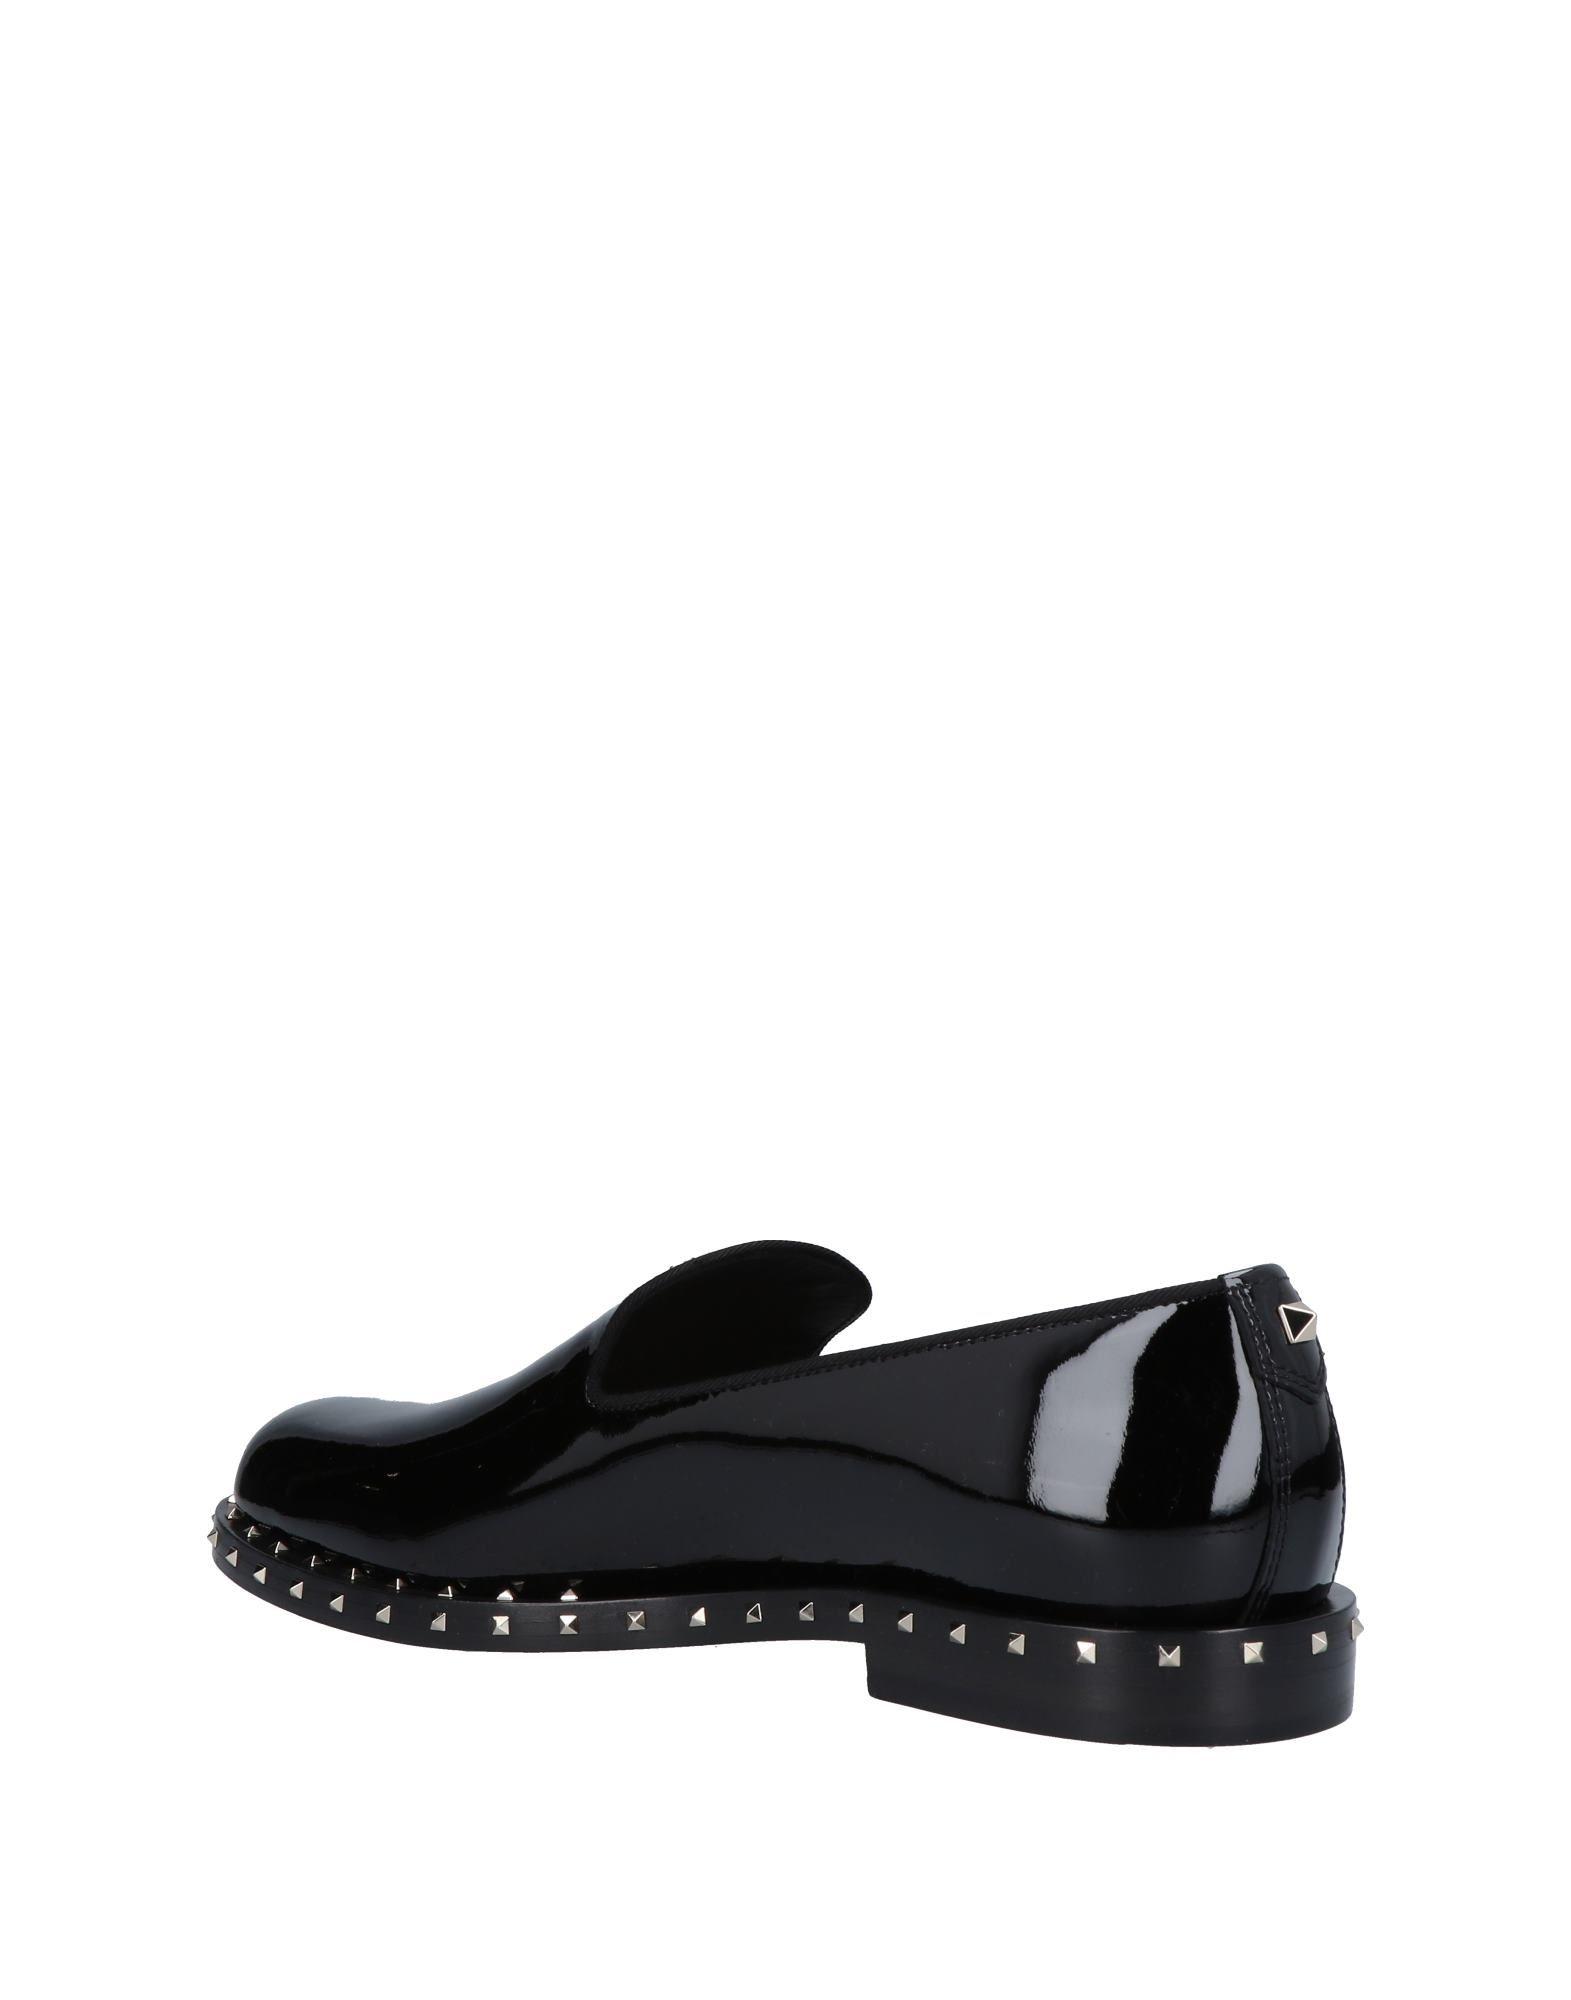 Valentino Garavani Gute Mokassins Herren  11459900EI Gute Garavani Qualität beliebte Schuhe d85fde